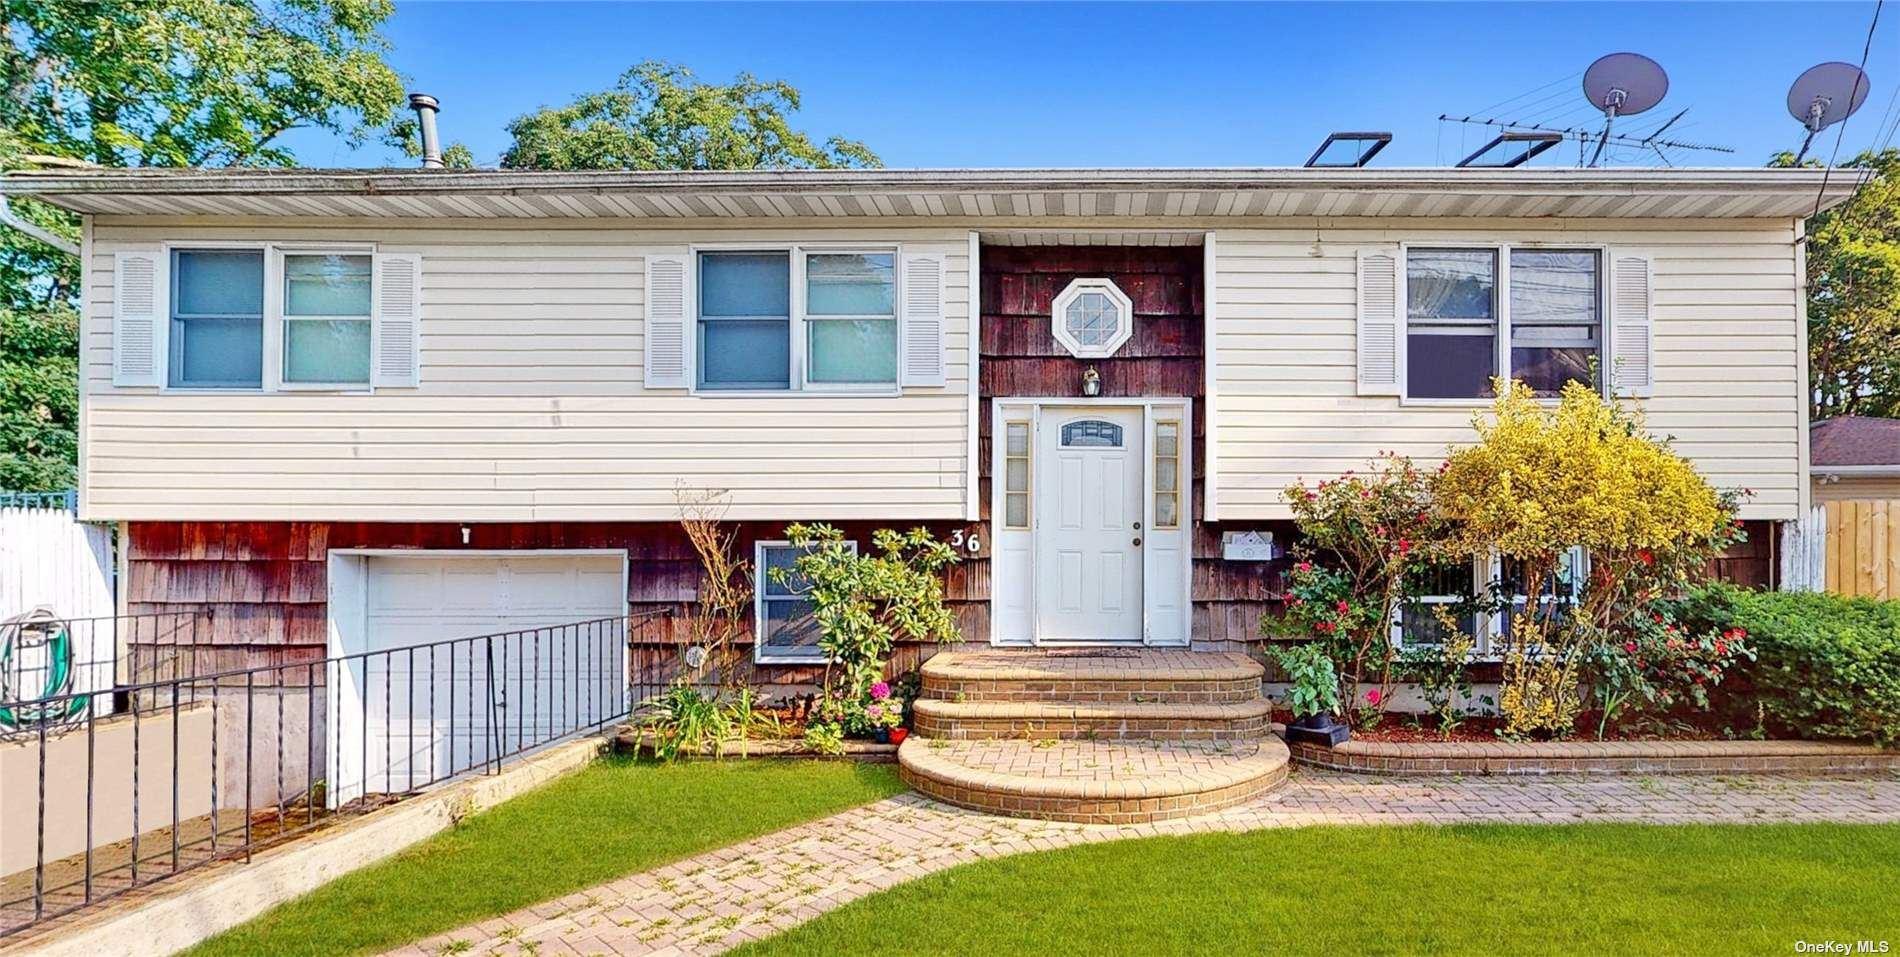 36 Ironwood Street, Islip, NY 11751 - MLS#: 3331562